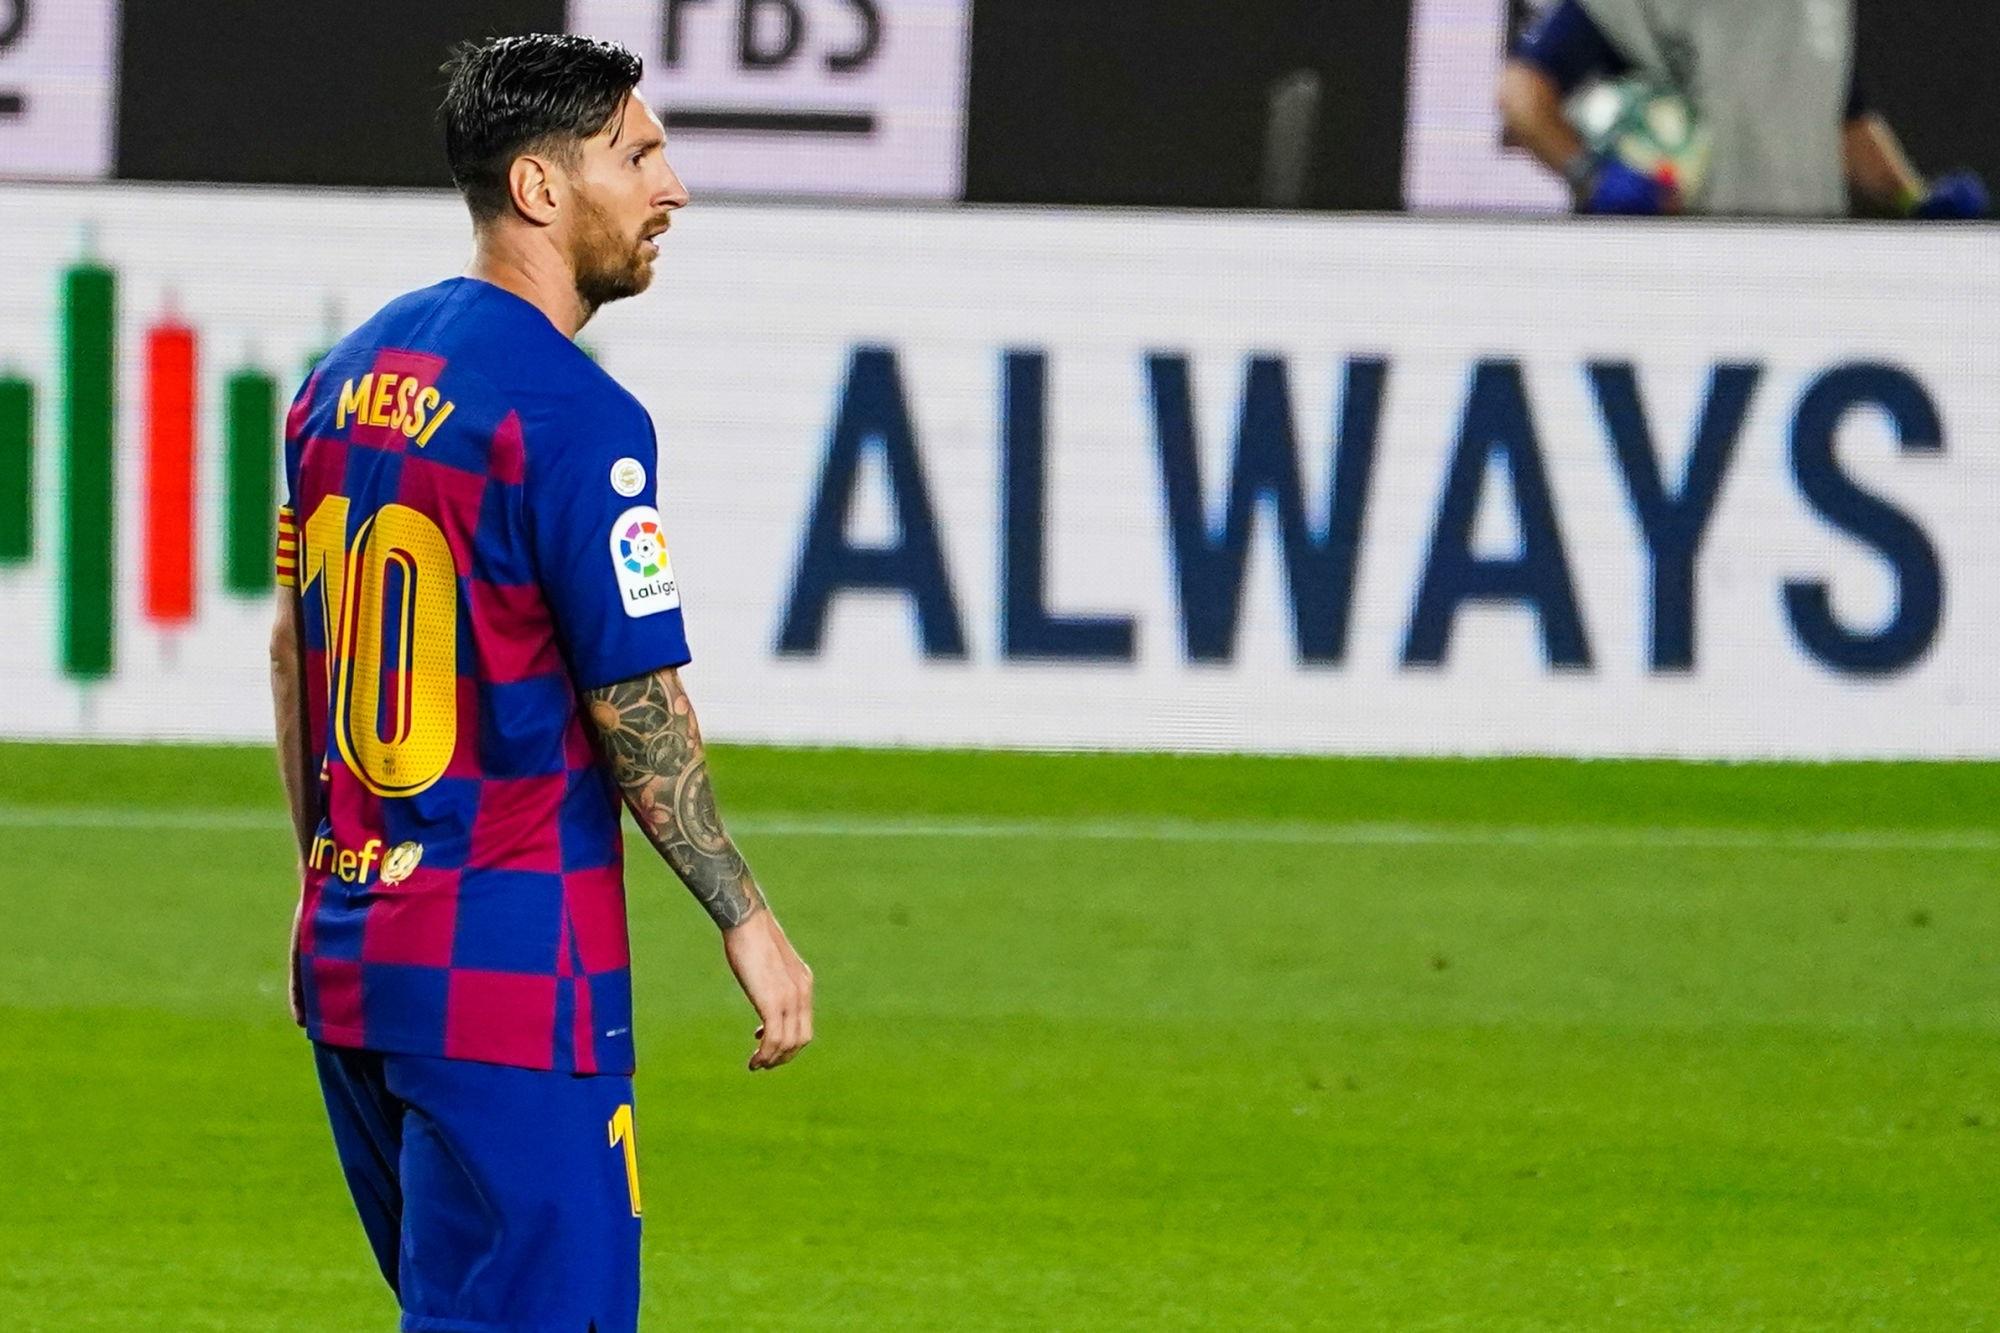 Mercato - Le PSG pense à Messi, mais les priorités sont Neymar et Mbappé selon ESPN